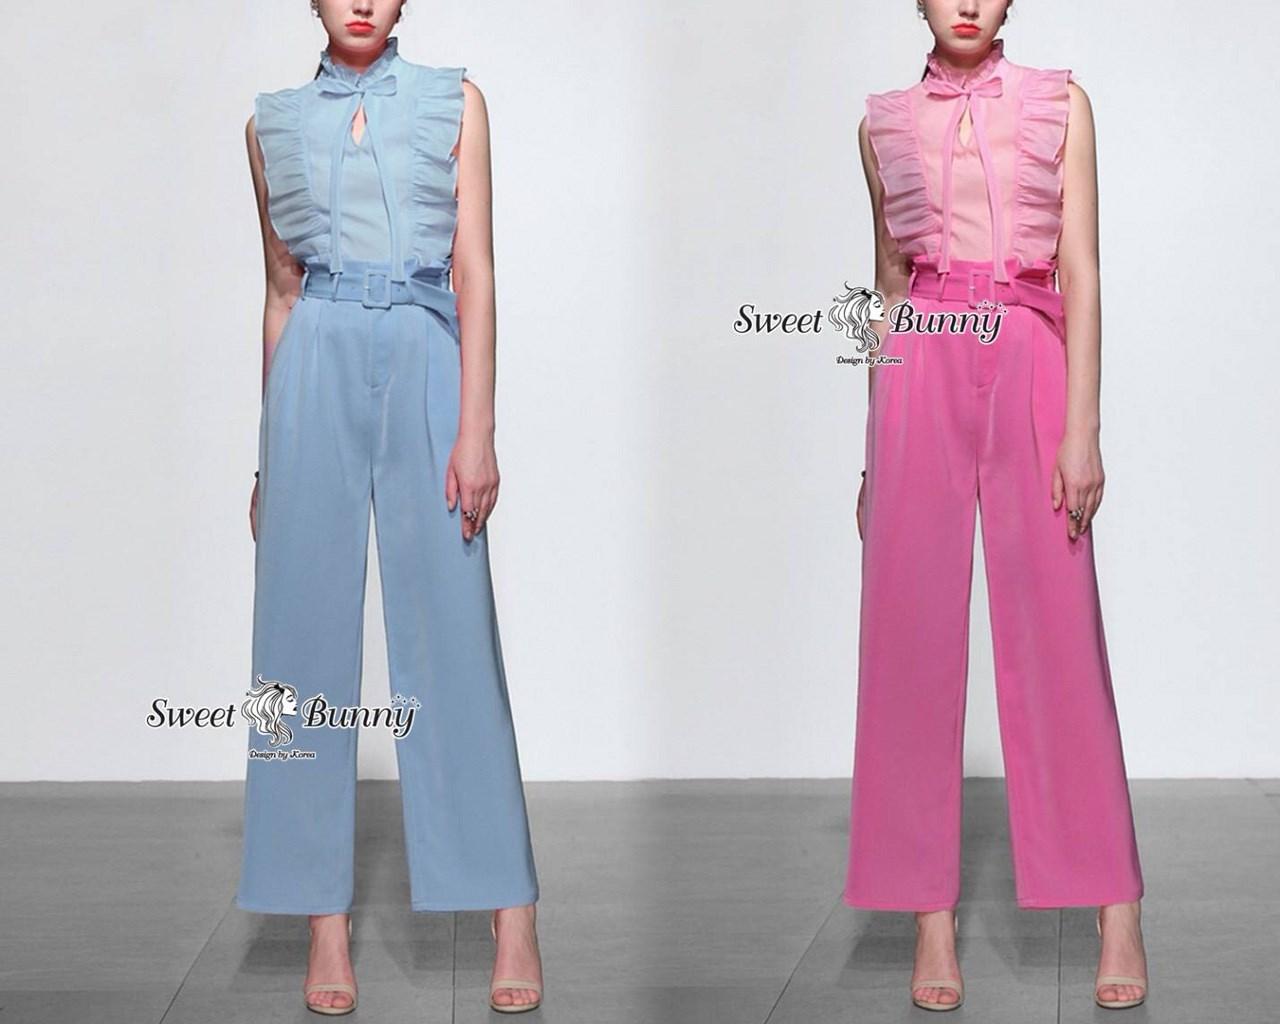 เสื้อผ้าเกาหลี พร้อมส่ง ชุดเซ็ทเสื้อ+กางเกง+เข็มขัด